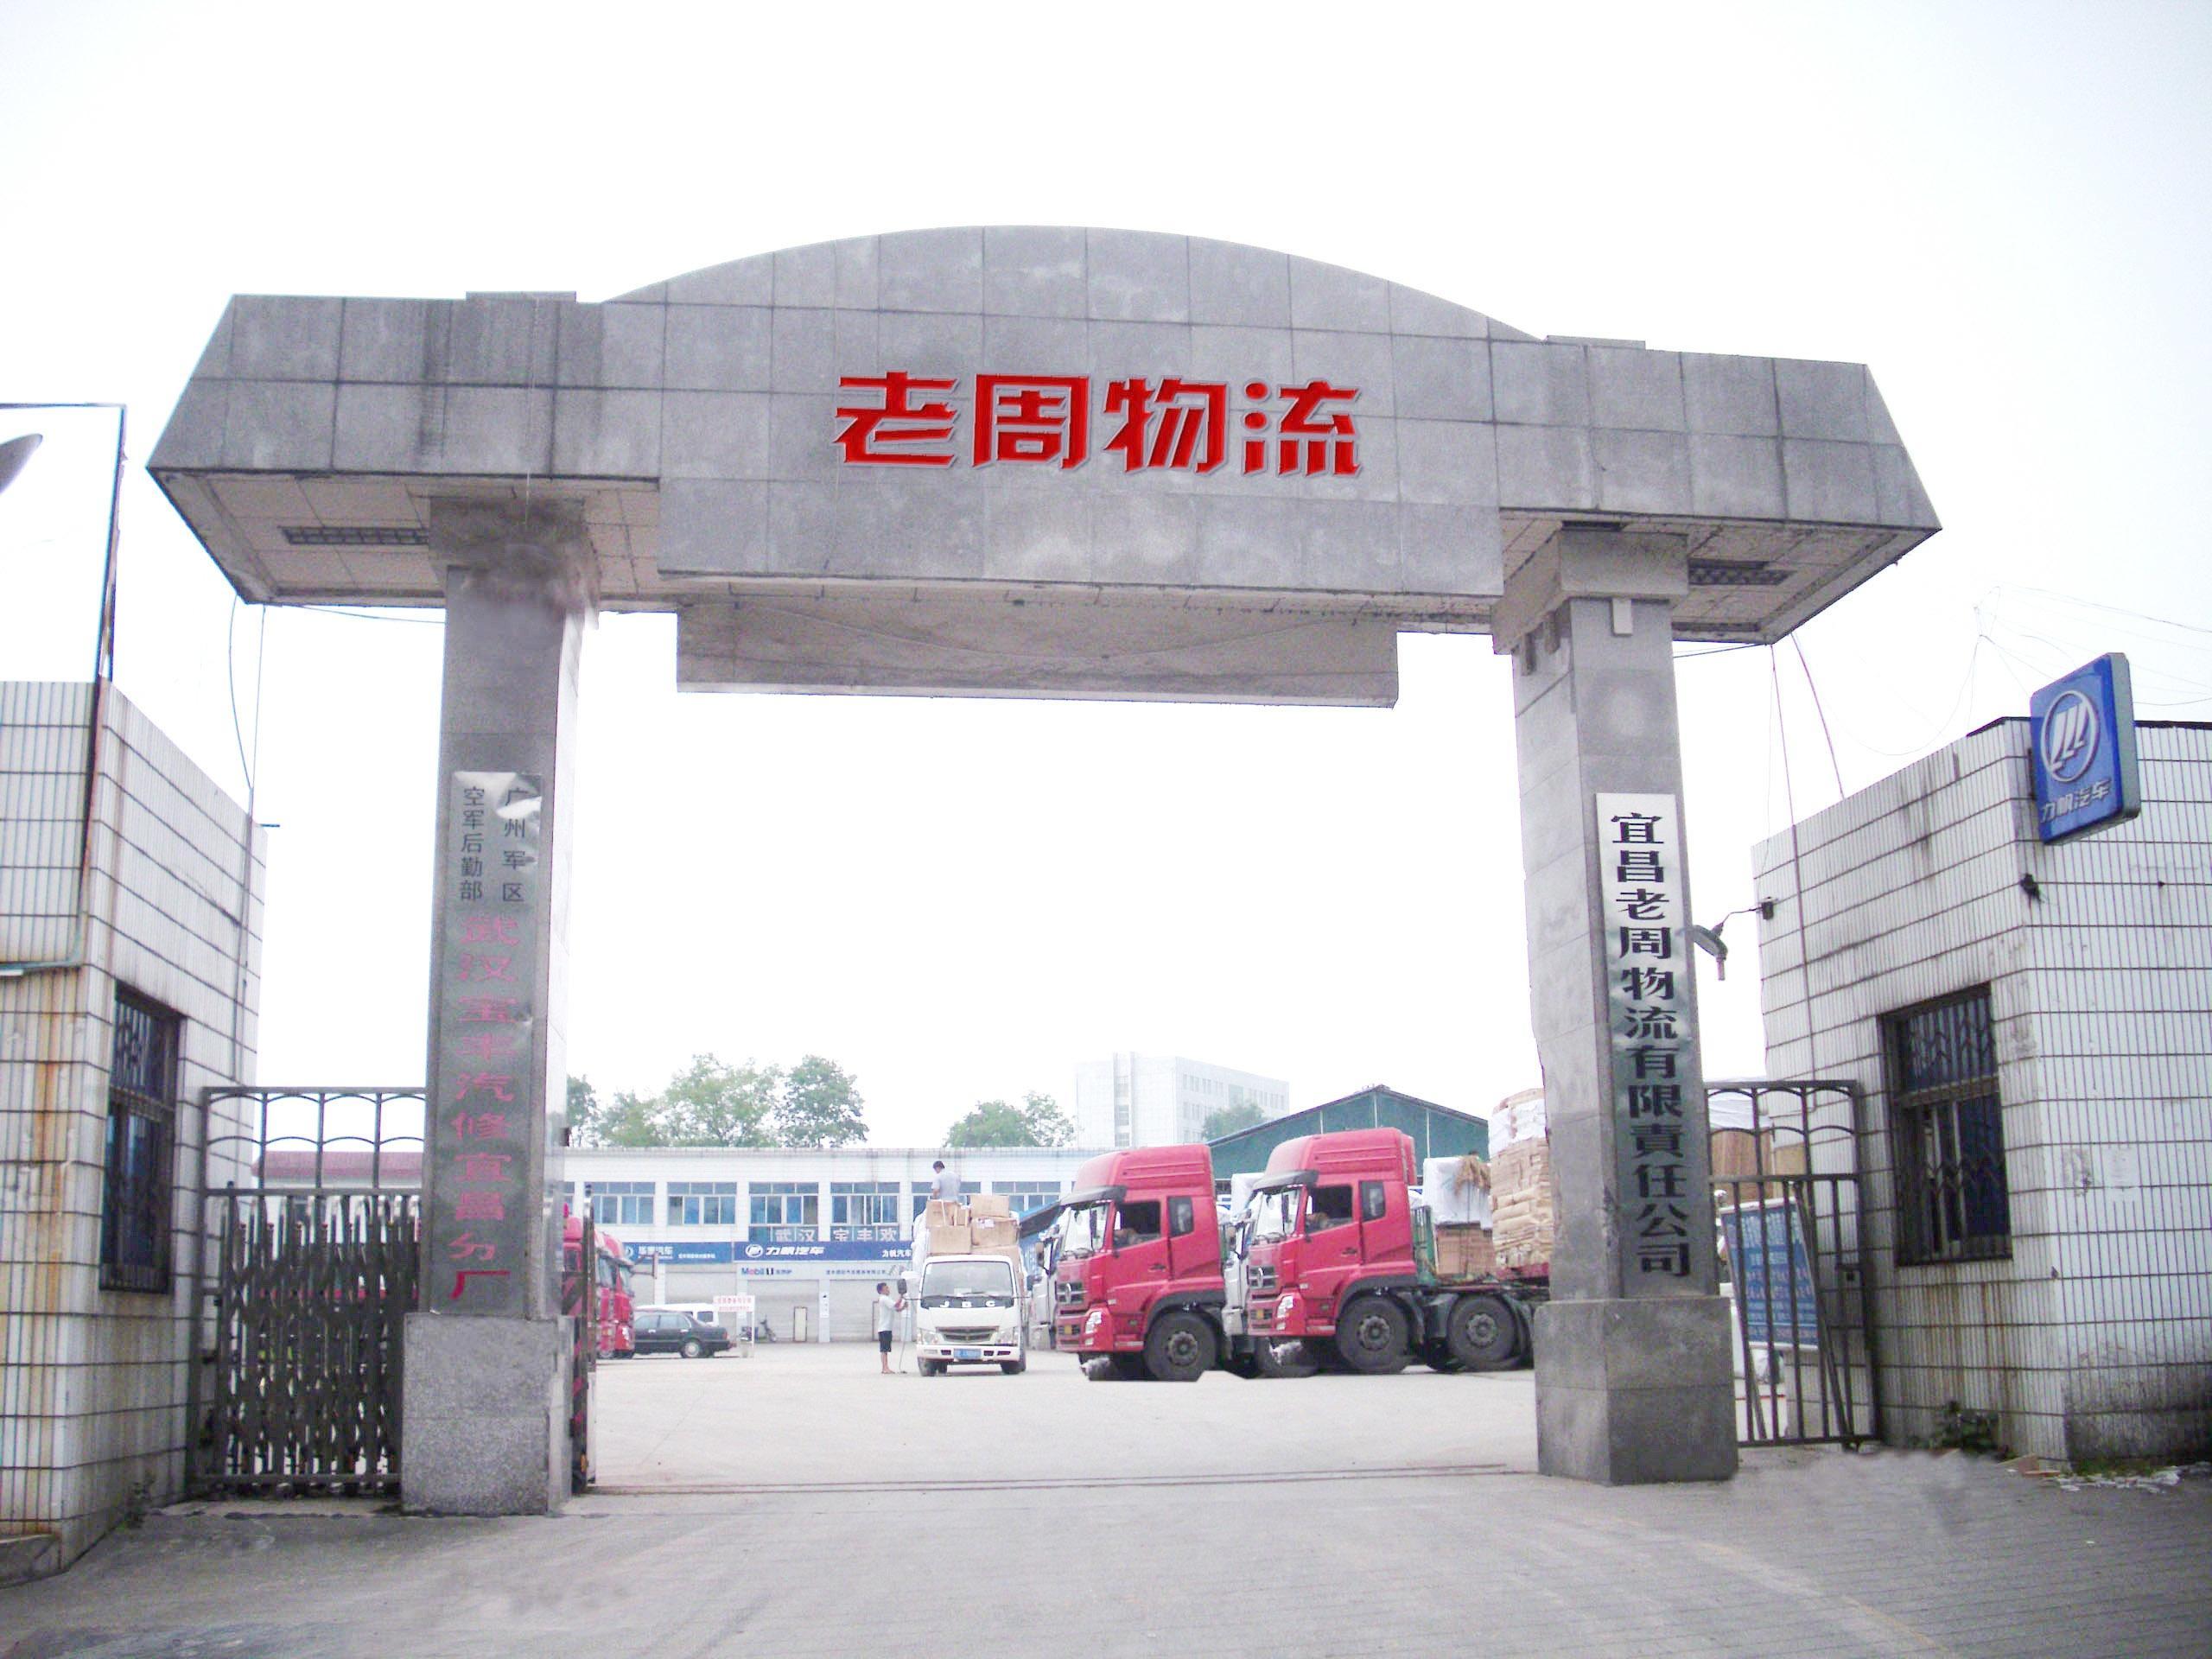 清河到怀柔火车图片